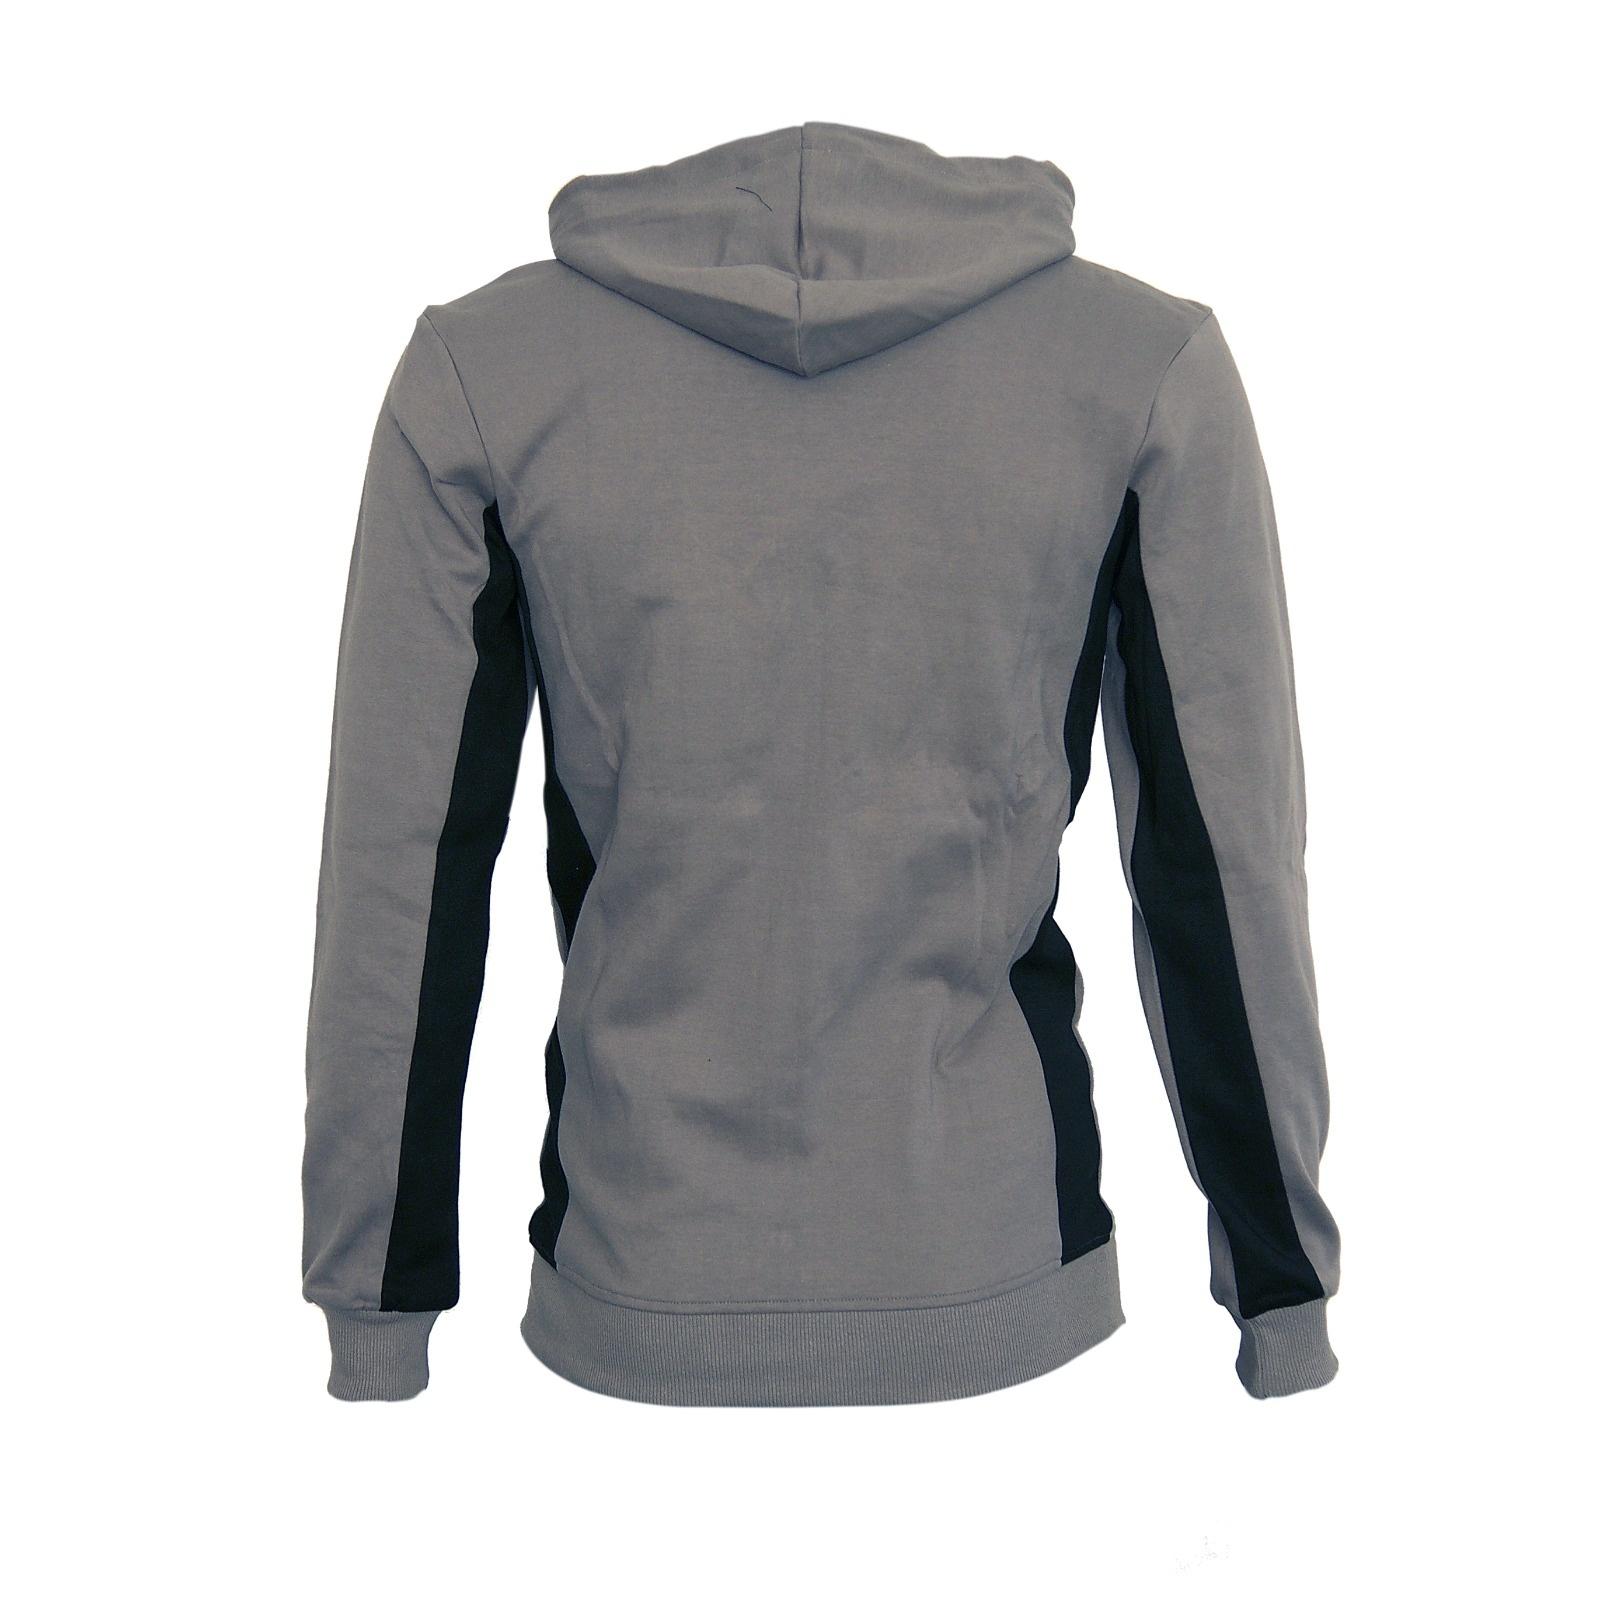 Icelus Clothing Icelus Fleece Jacket Grey